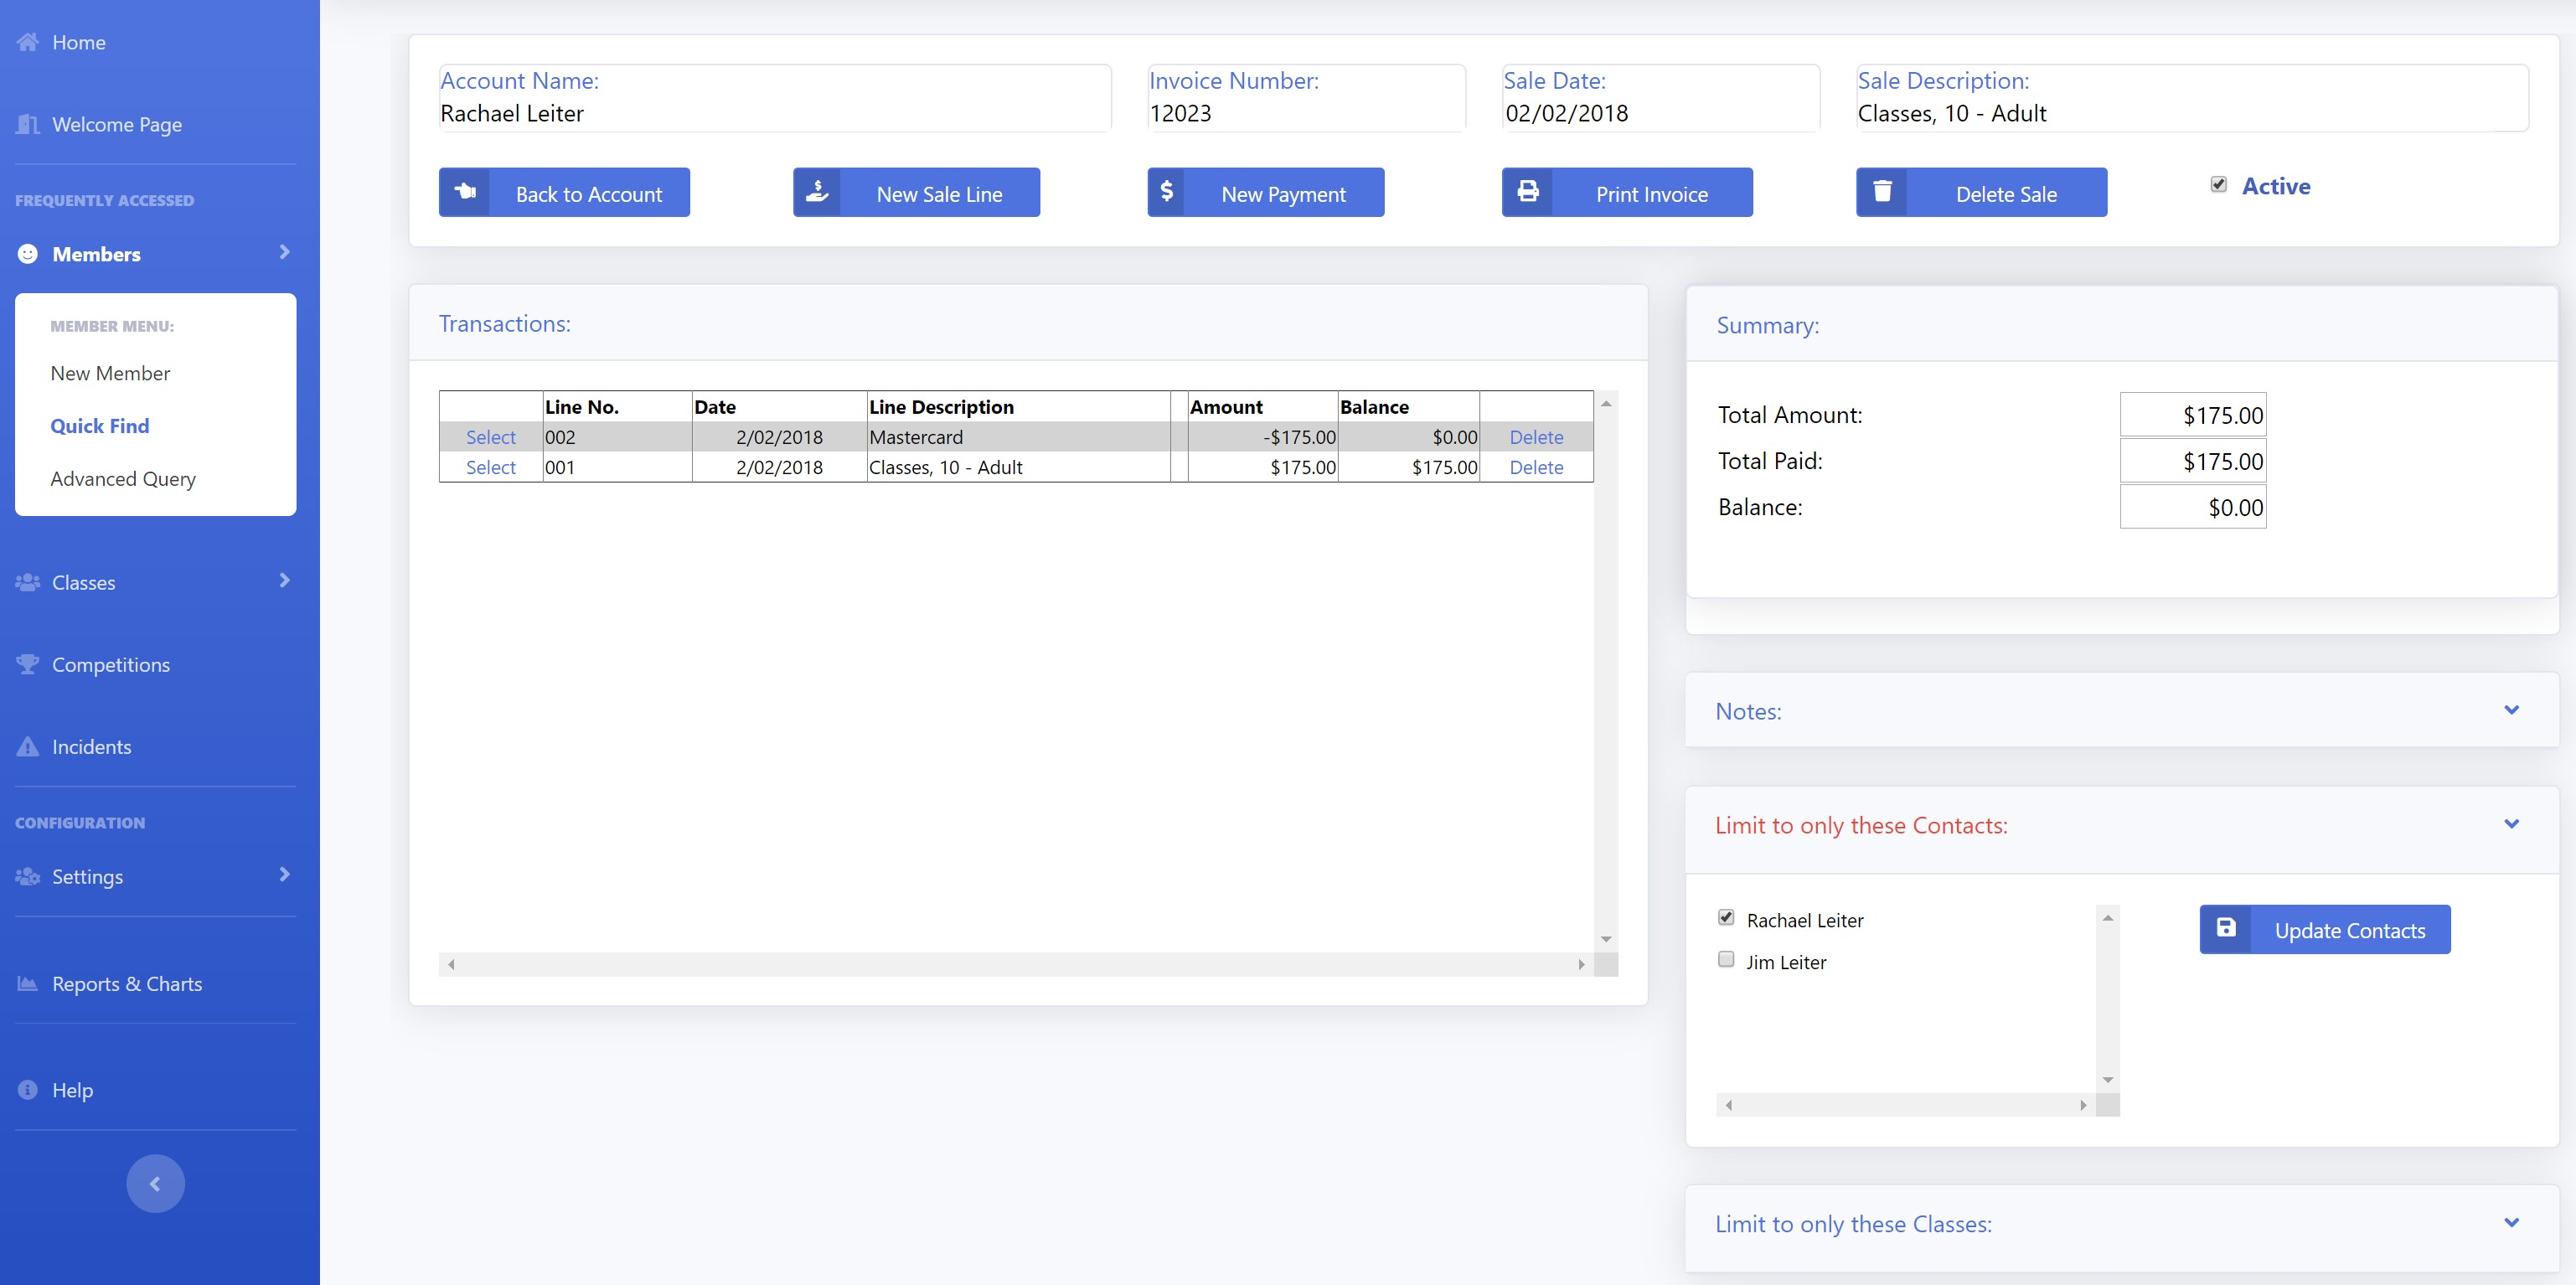 Arnold sales details screenshot